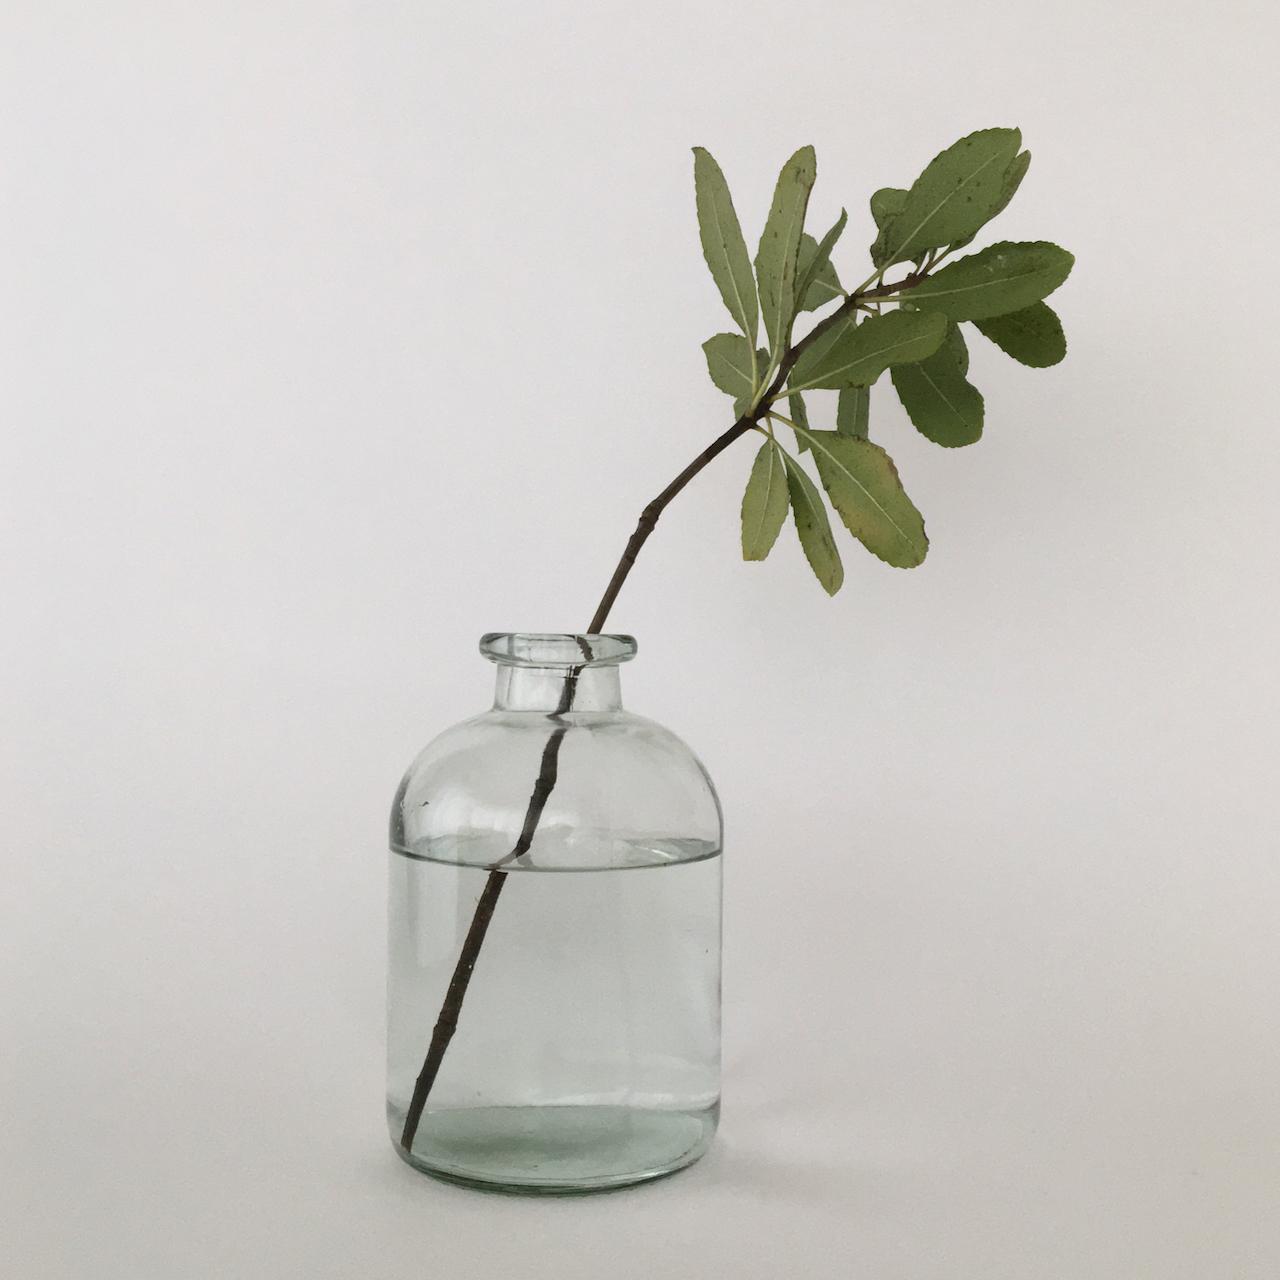 Jardin Flower Vase|フラワーベース ジャルダン